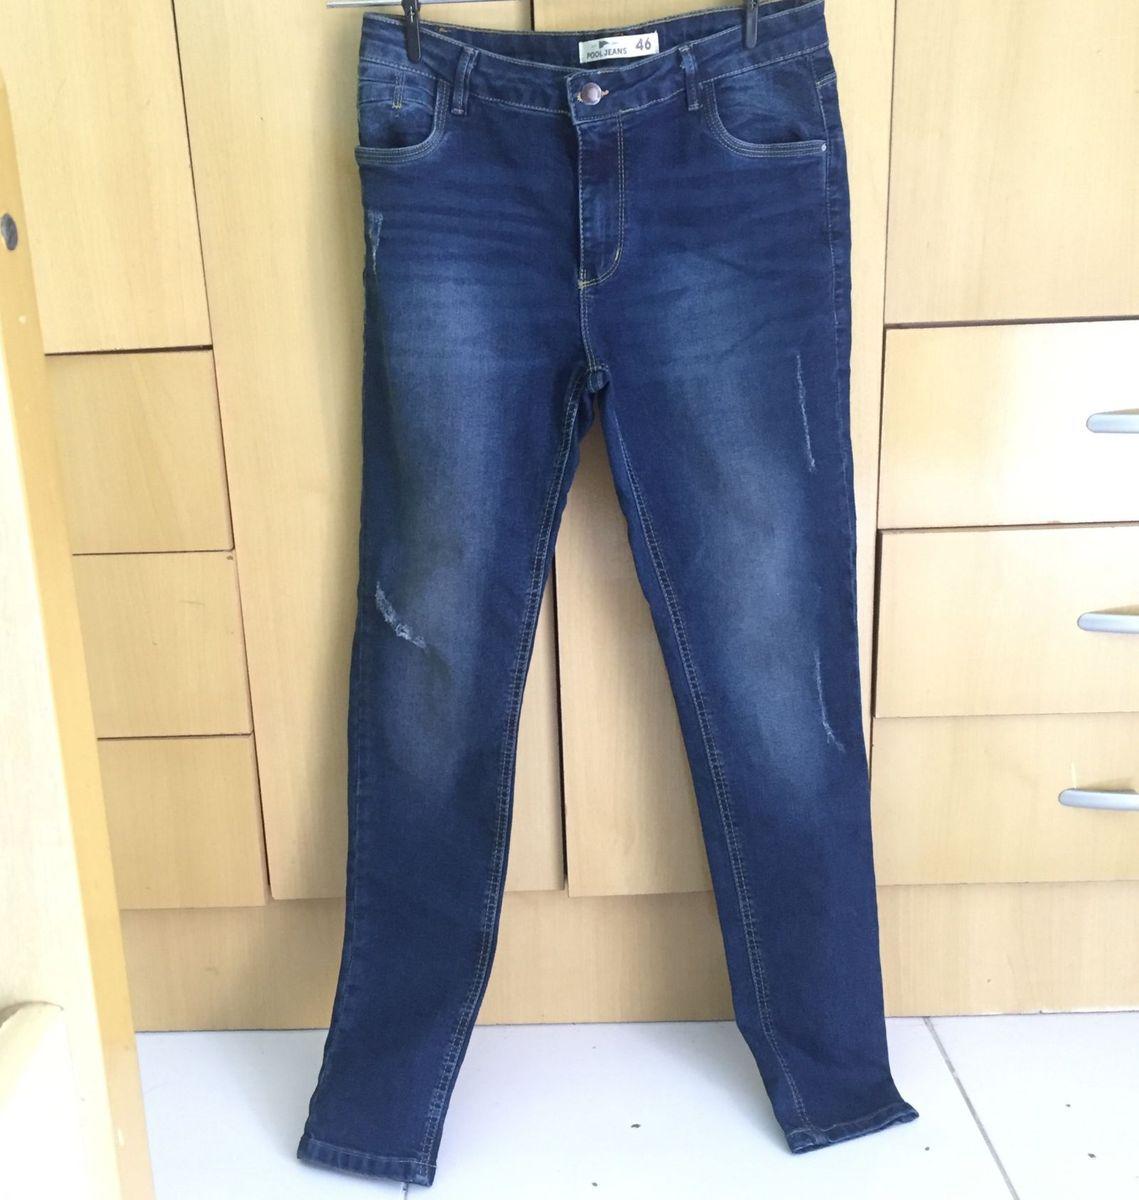 cd770b1b2 calça jeans destroyed - calças riachuelo.  Czm6ly9wag90b3muzw5qb2vplmnvbs5ici9wcm9kdwn0cy83njexndqylza2njg3m2izmjnlm2m1zjuynjnmotewzdu0nzlhztyxlmpwzw